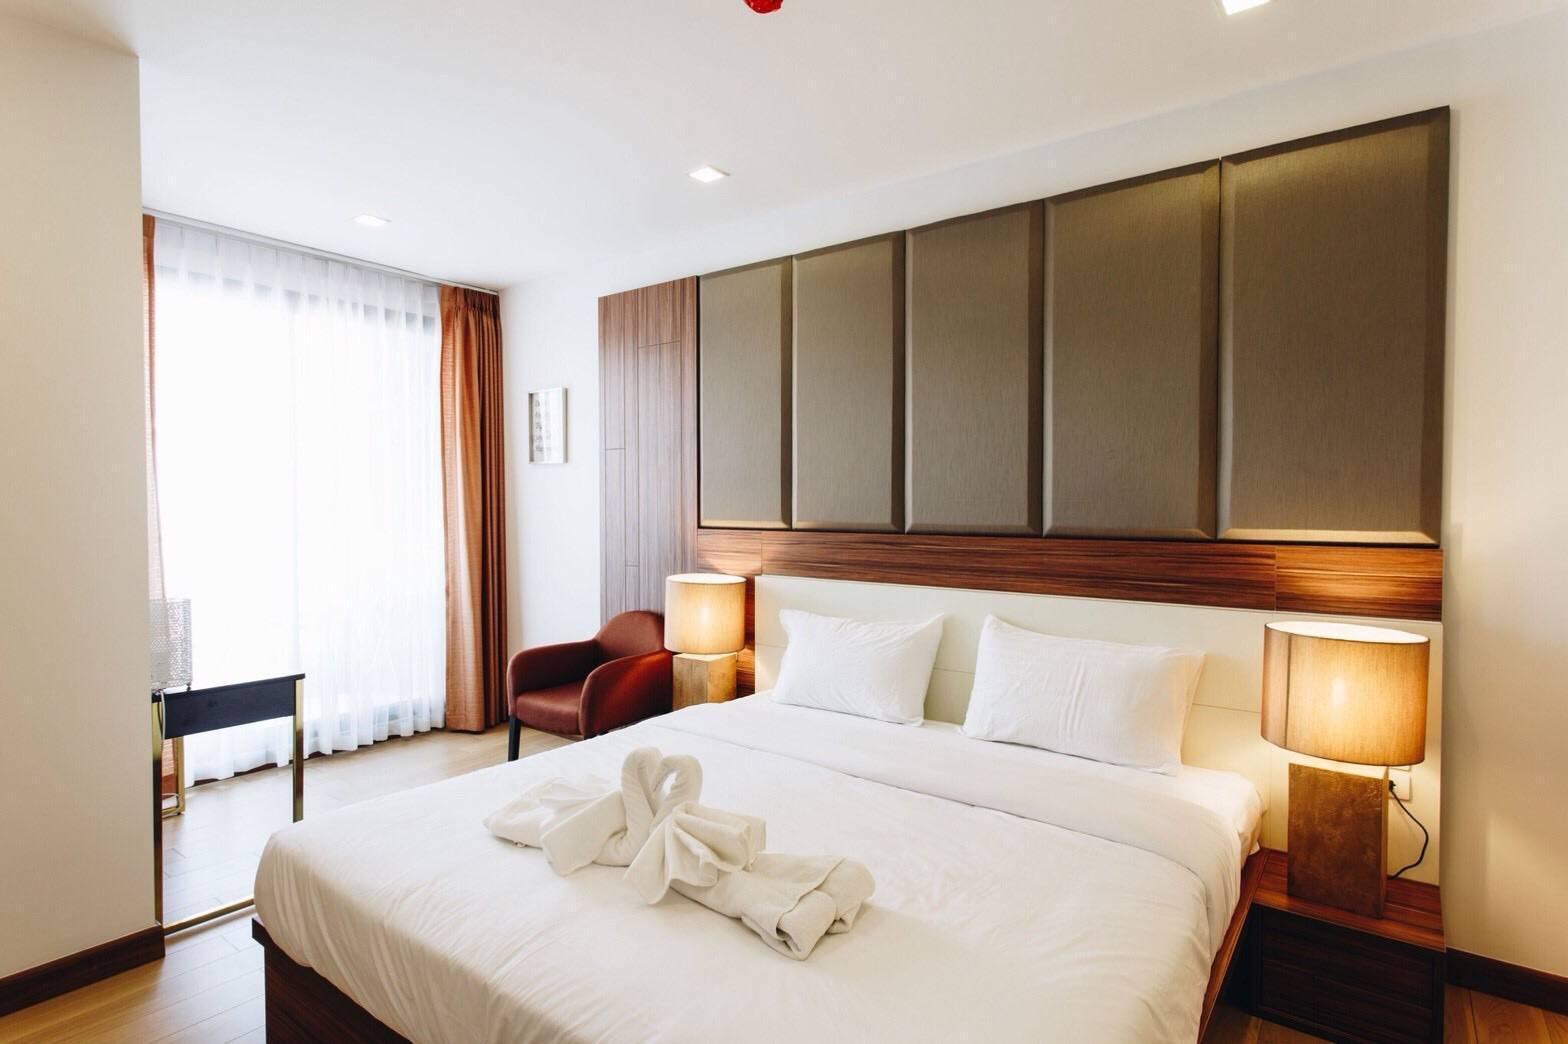 The Astra Condo Deluxe Suite อพาร์ตเมนต์ 1 ห้องนอน 1 ห้องน้ำส่วนตัว ขนาด 50 ตร.ม. – ช้างคลาน